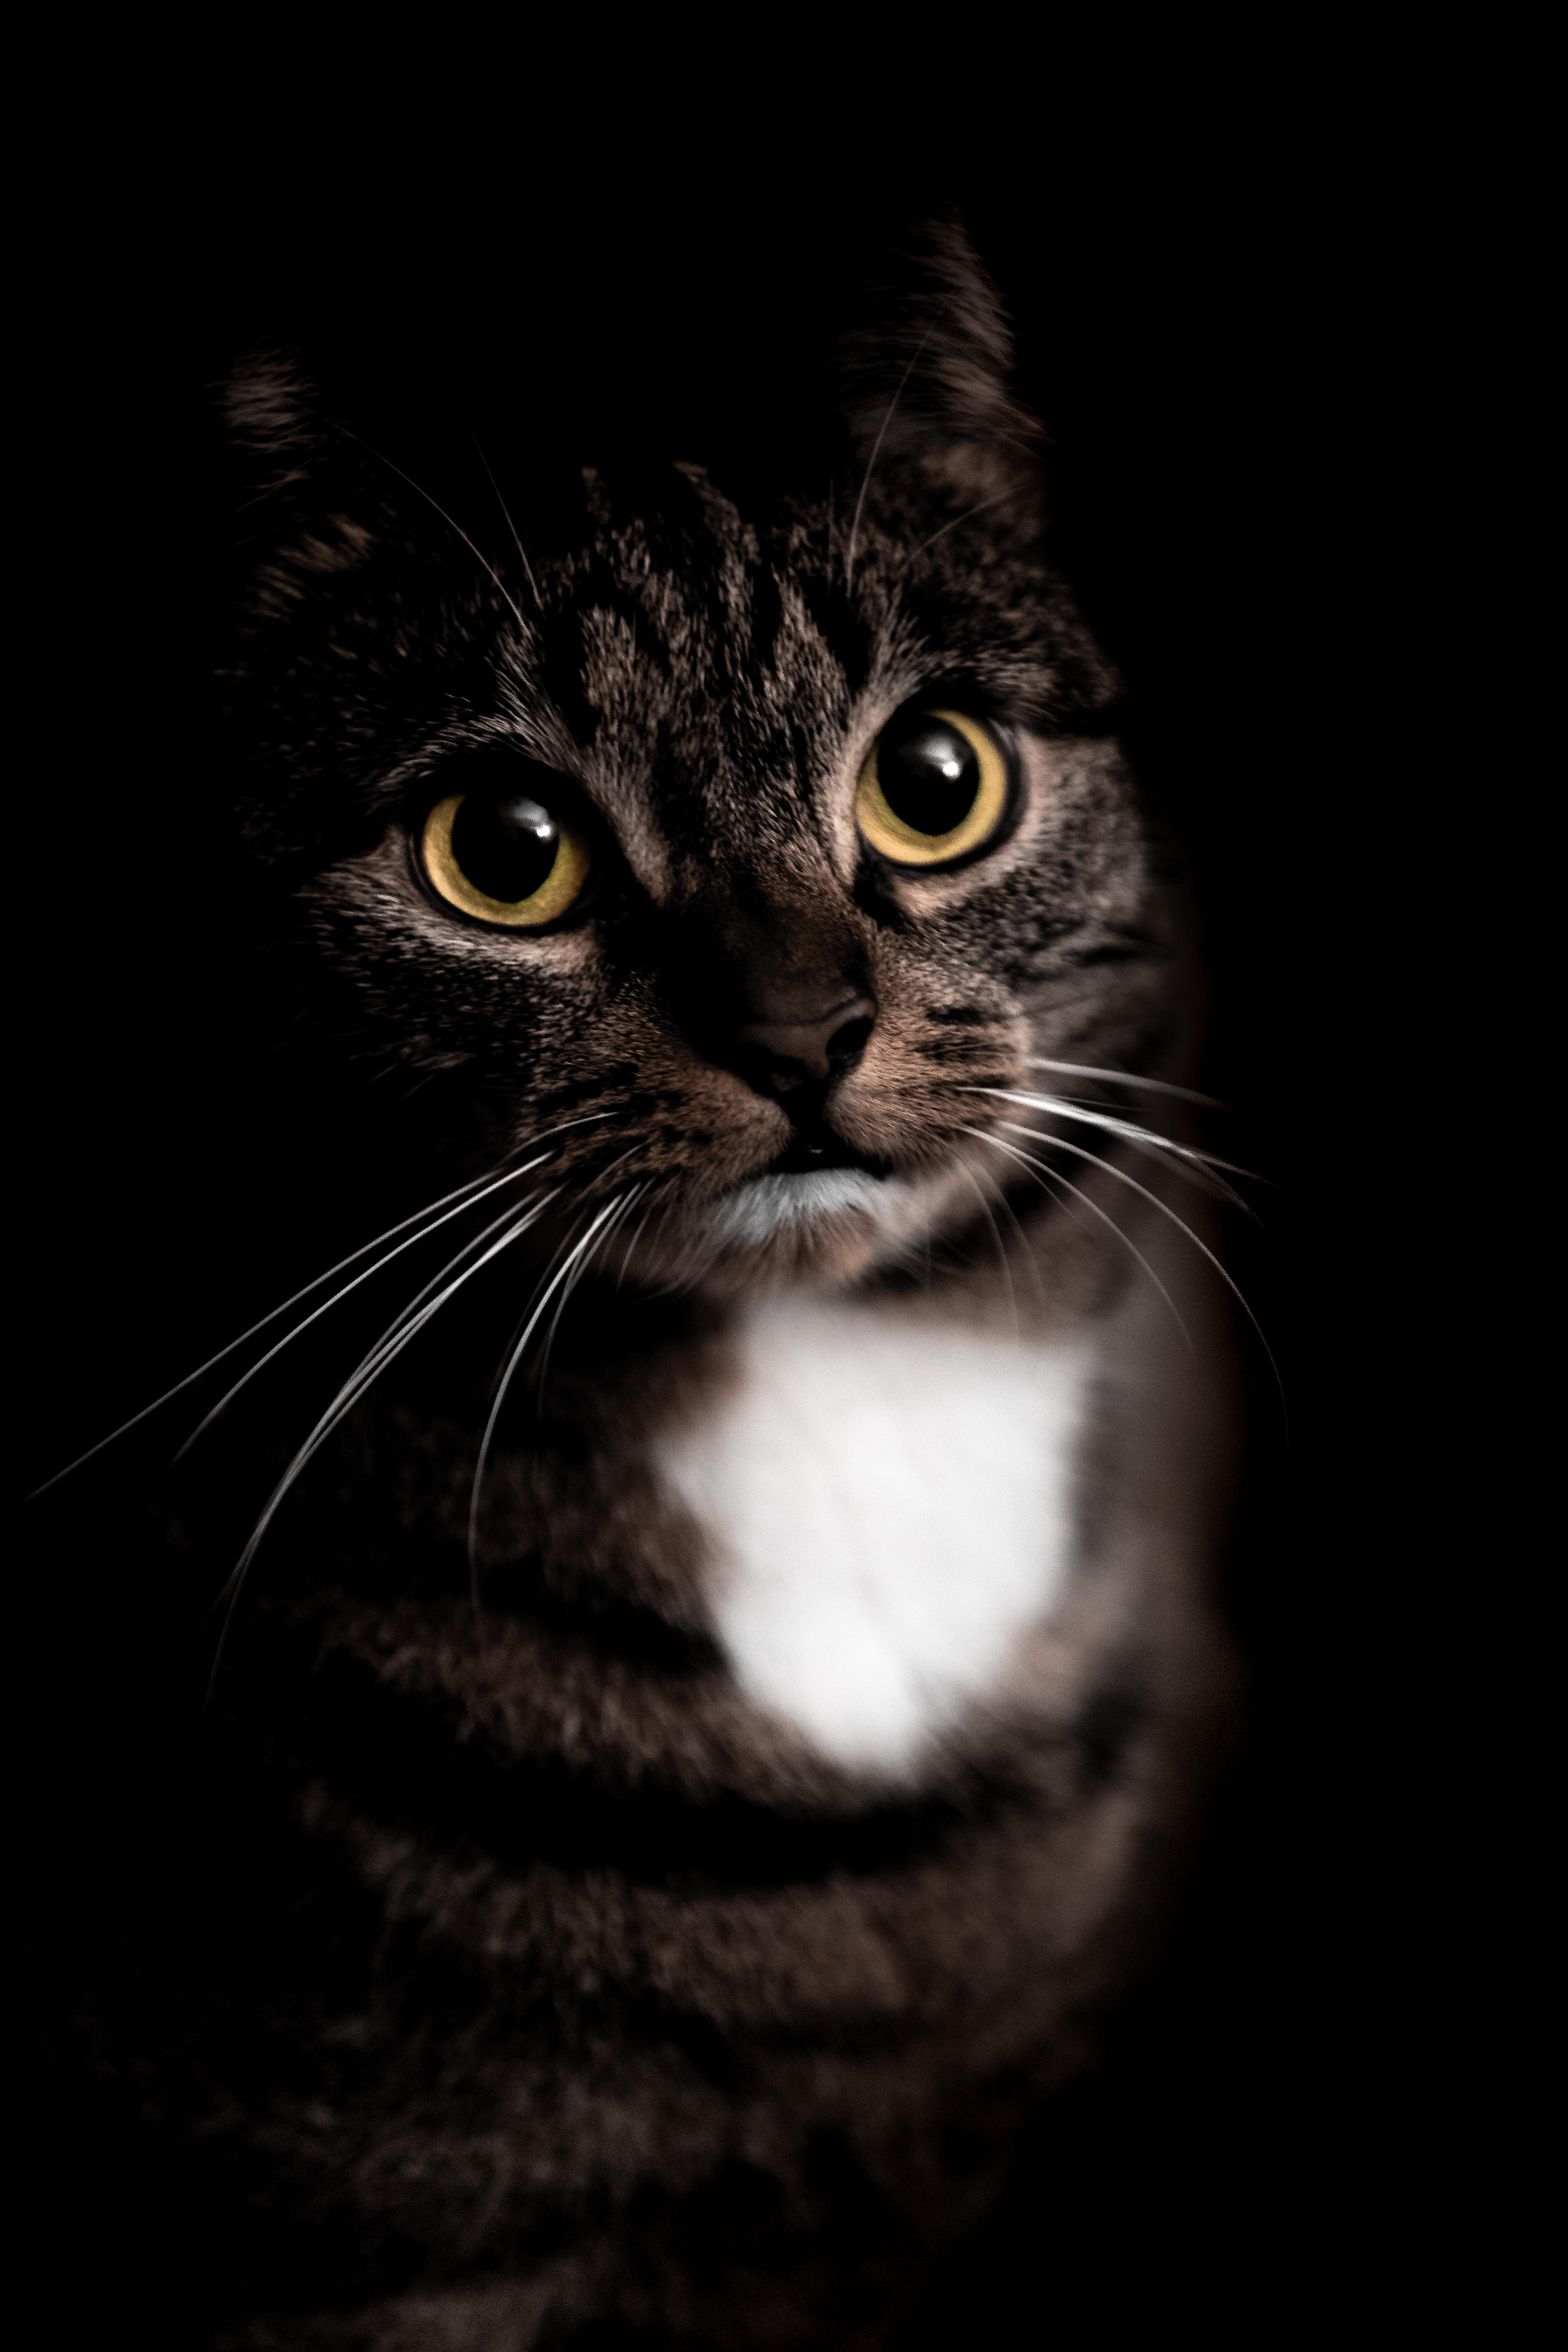 63232 Protetores de tela e papéis de parede Animais em seu telefone. Baixe Animais, Gato, Bicho De Estimação, Animal De Estimação, Visão, Opinião, Animal fotos gratuitamente